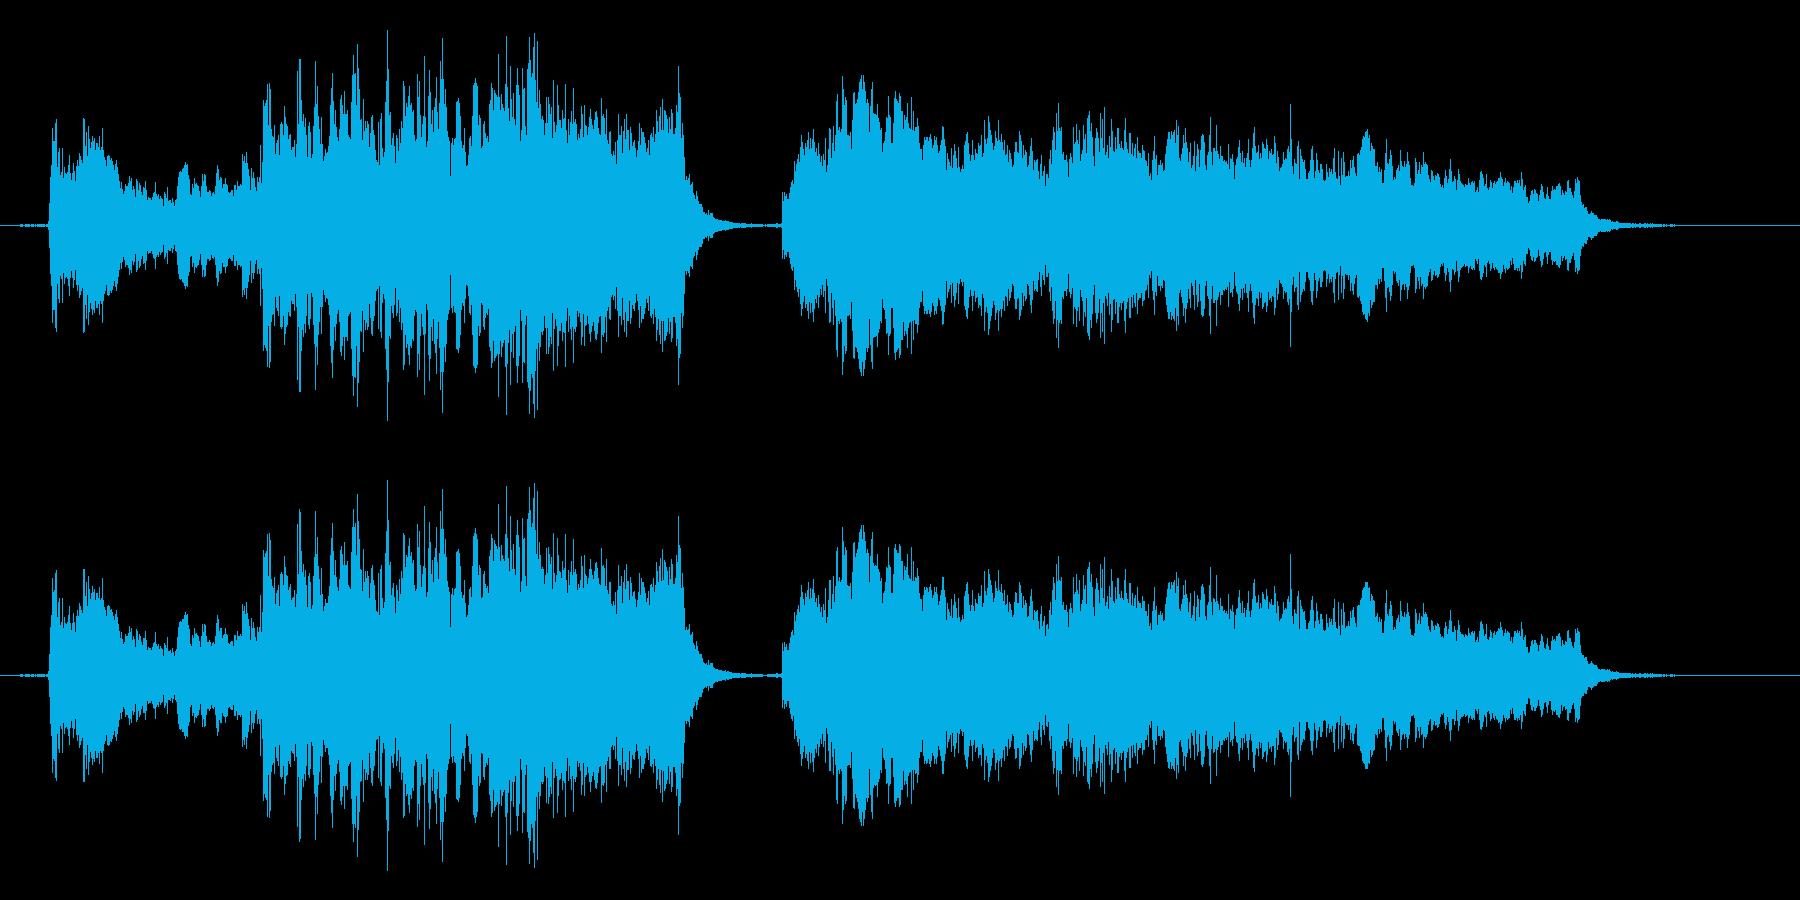 生オーケストラ録音の再生済みの波形